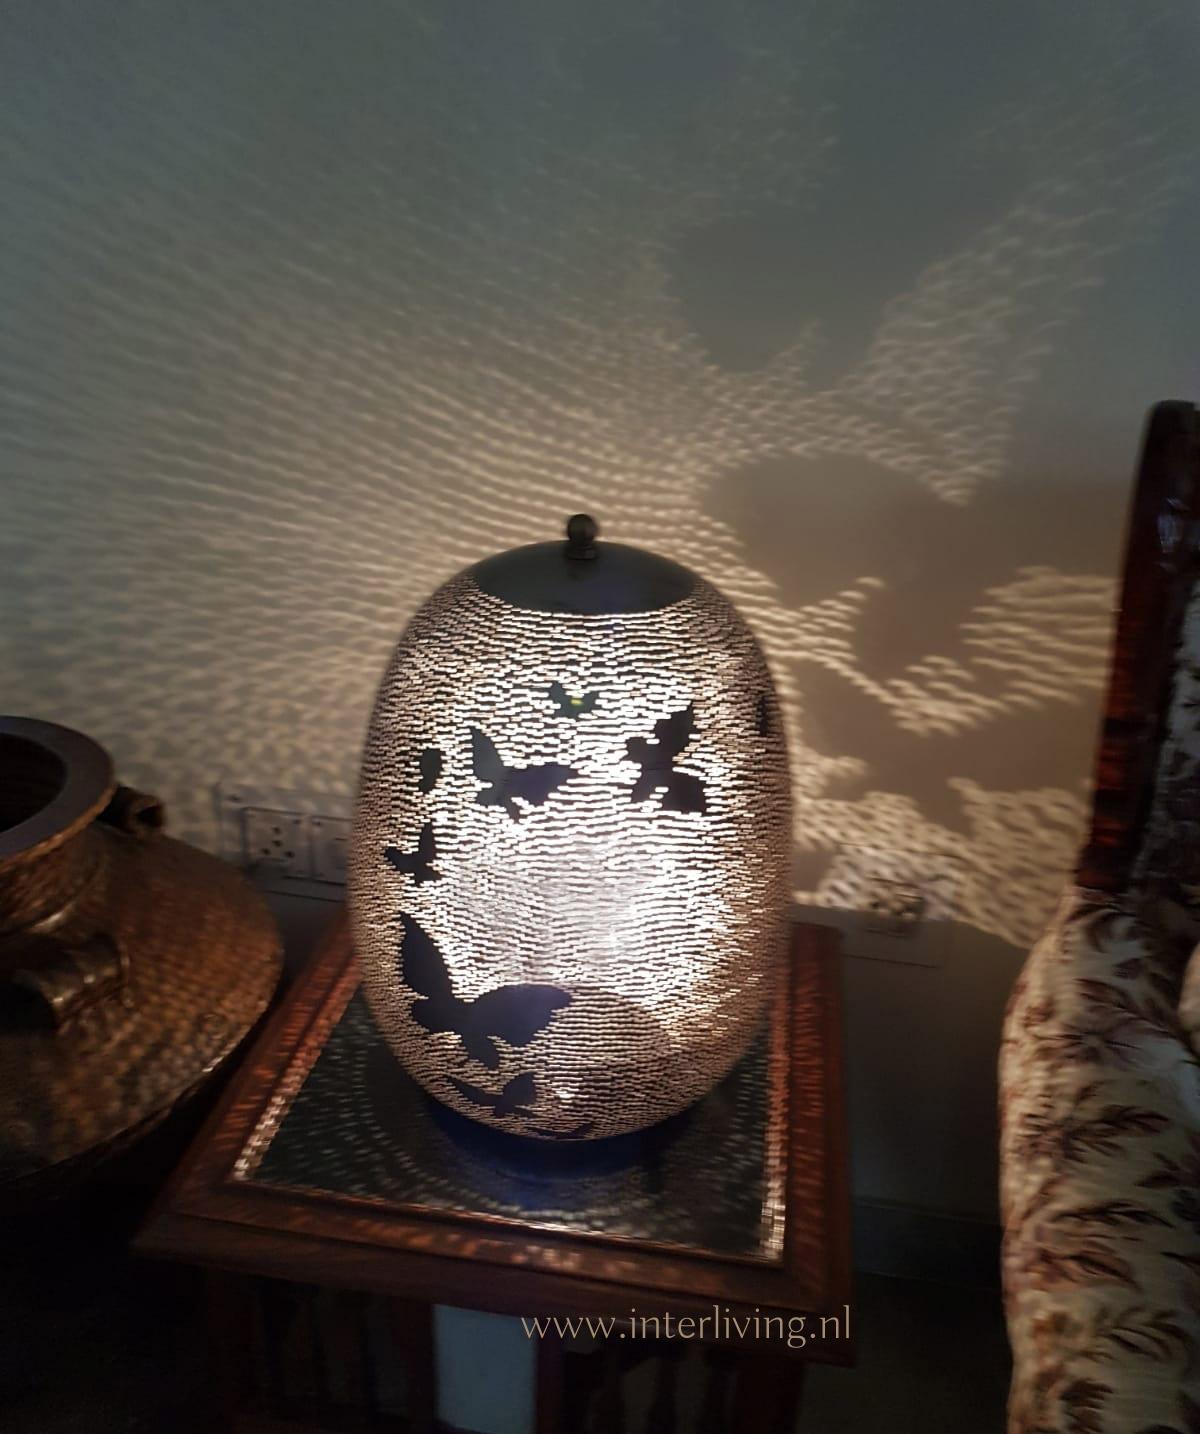 oosterse tafellamp met vlinder patronen - gaatjes lamp zilver metaal